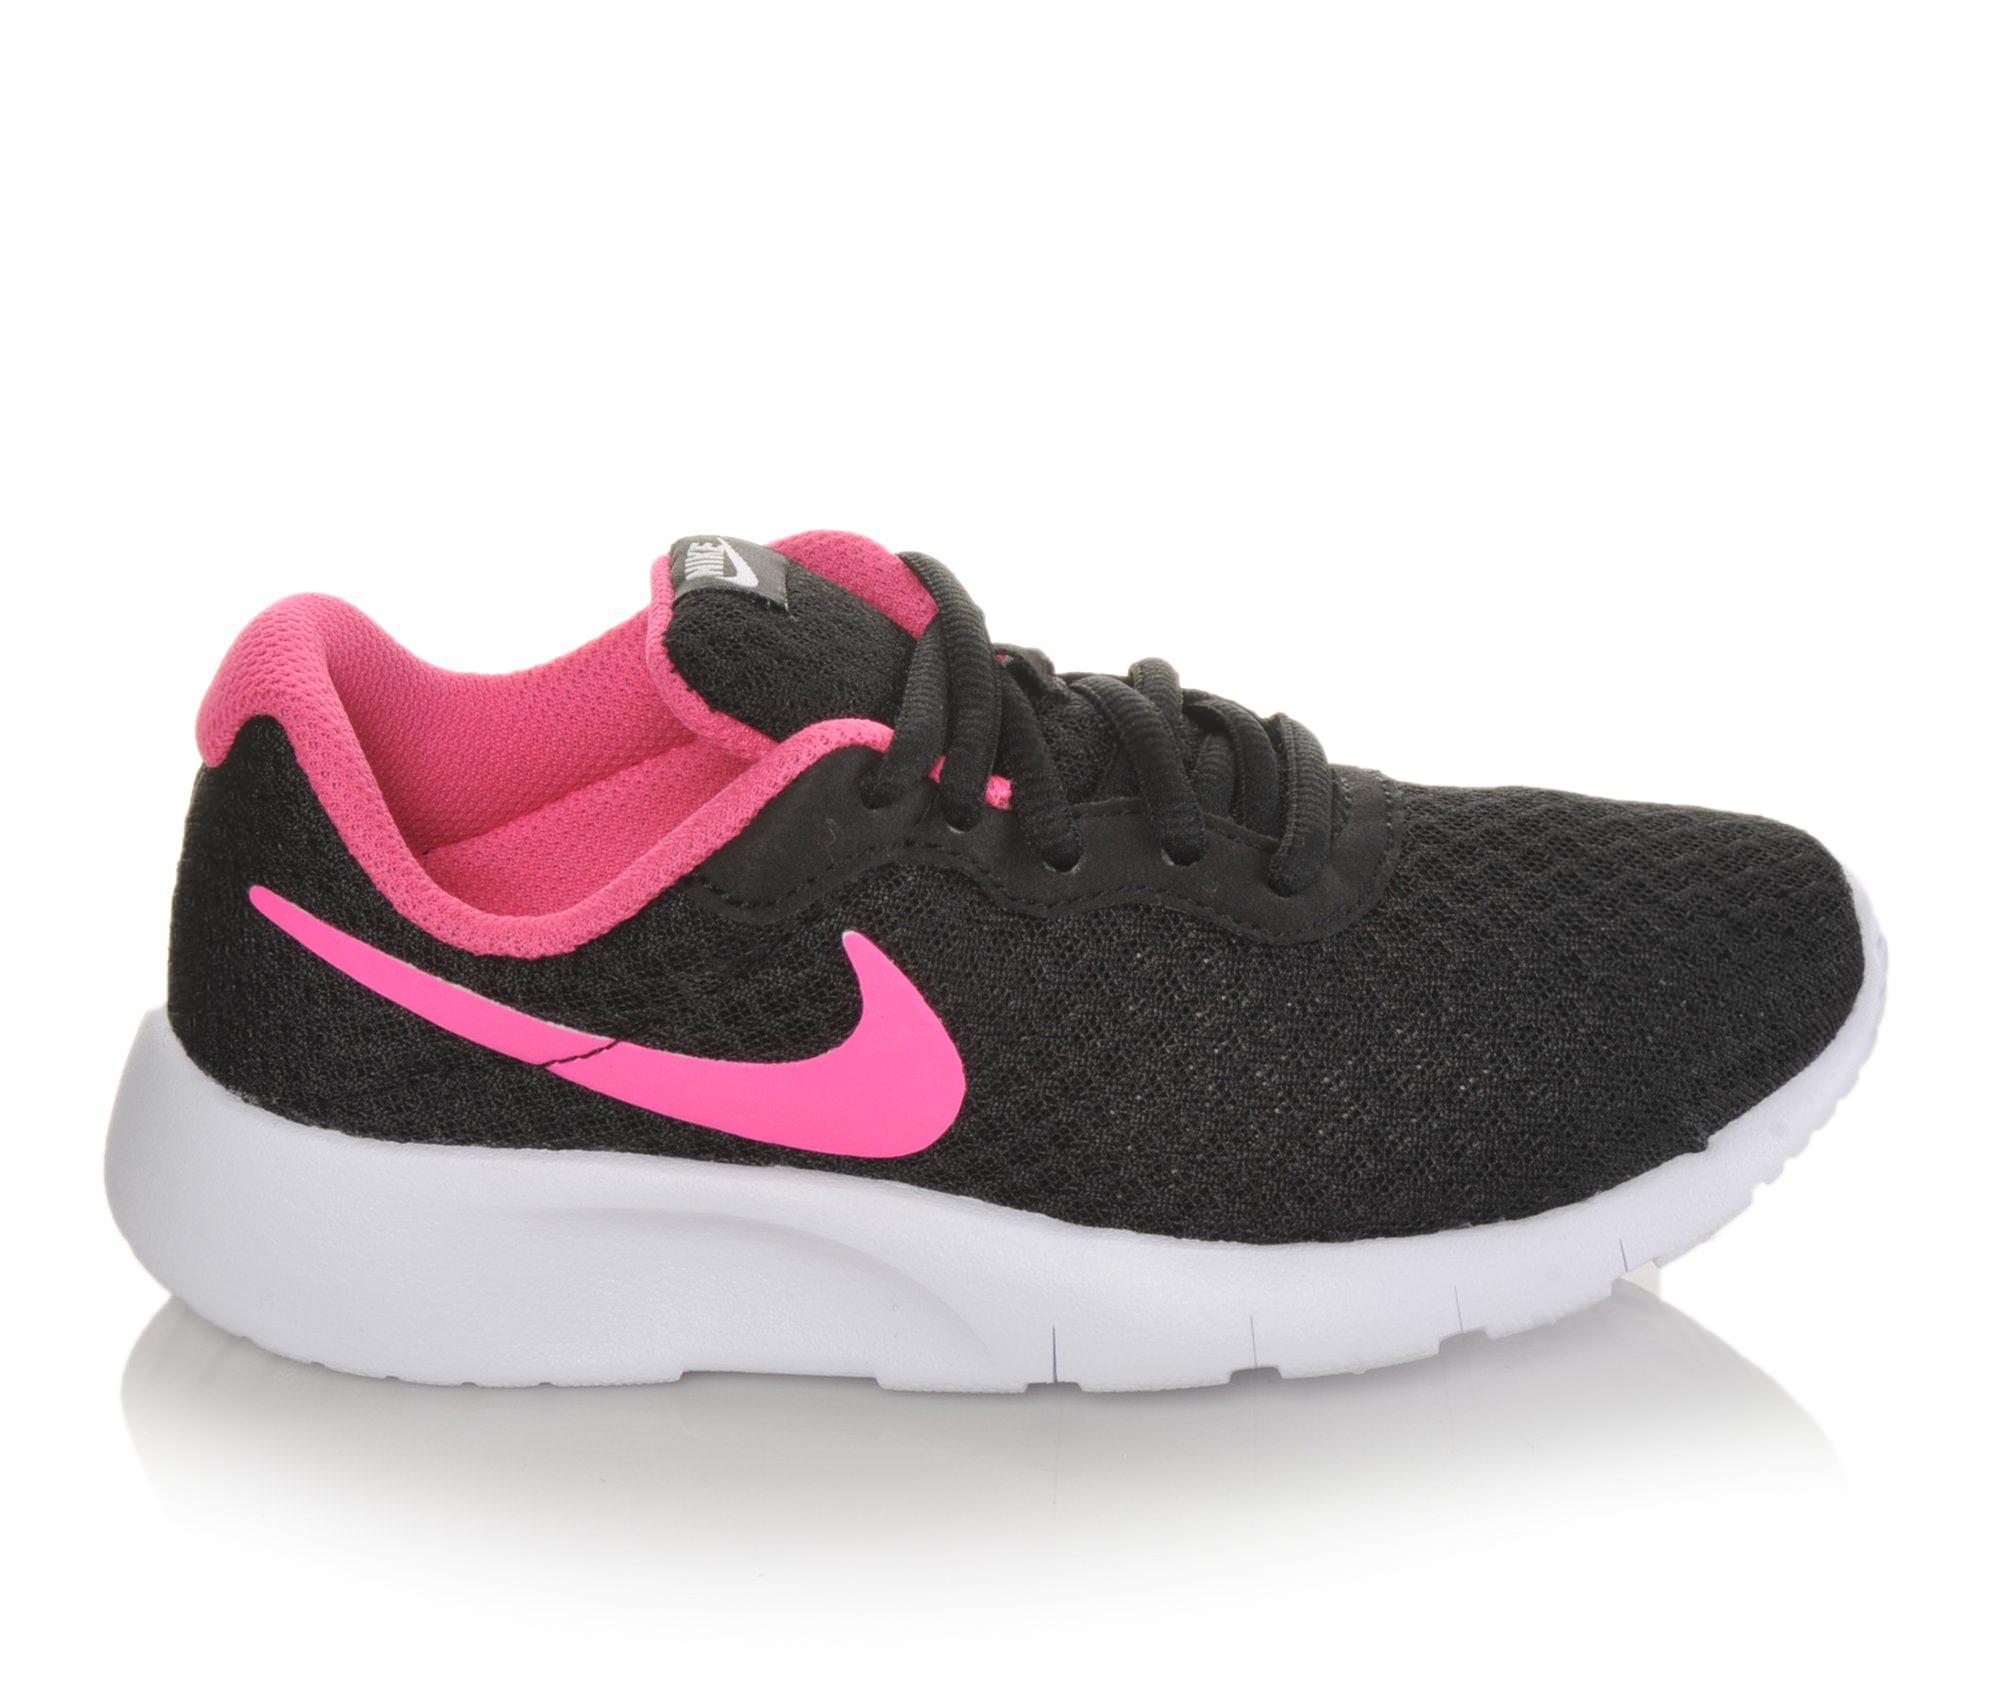 Girls' Nike Tanjun Running Shoes (Black - Size 11.5 - Little Kid) 1536286